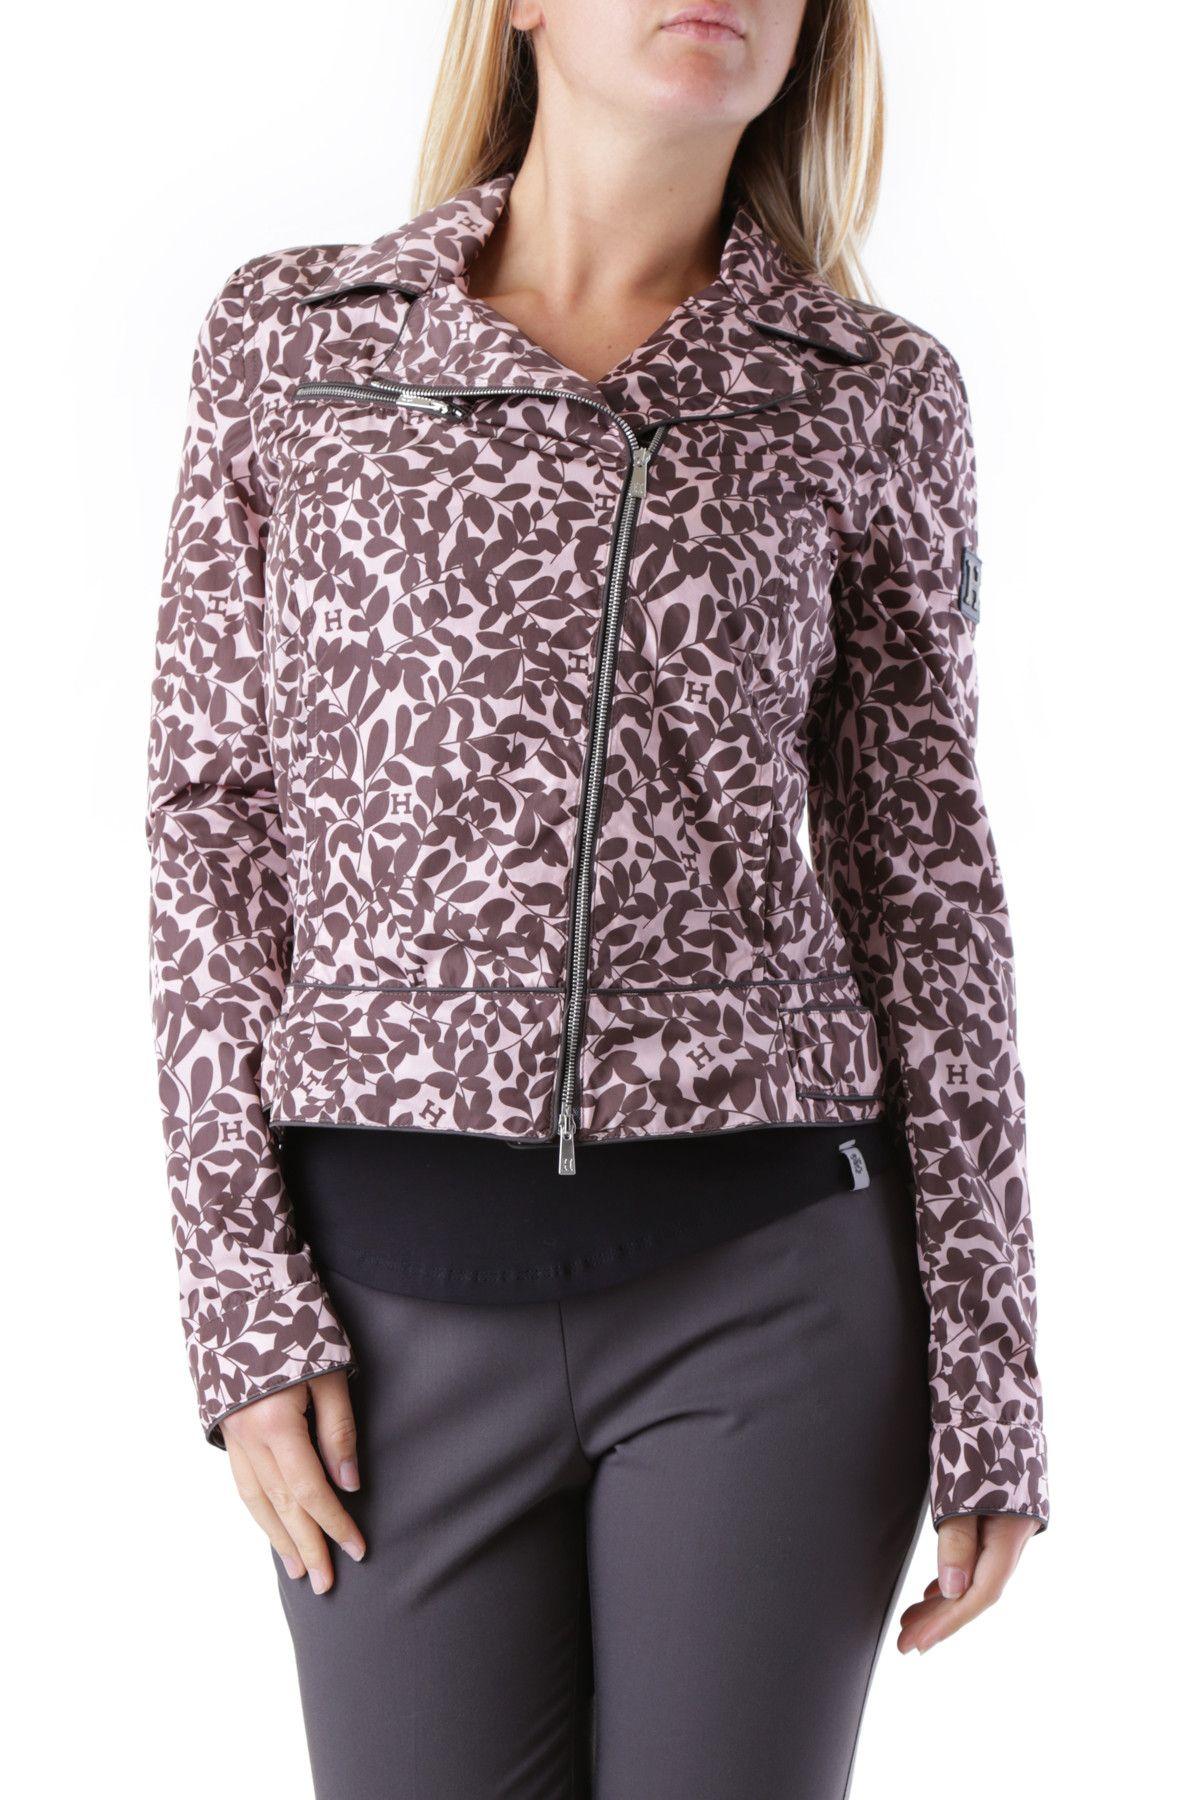 Husky Women's Jacket In Brown